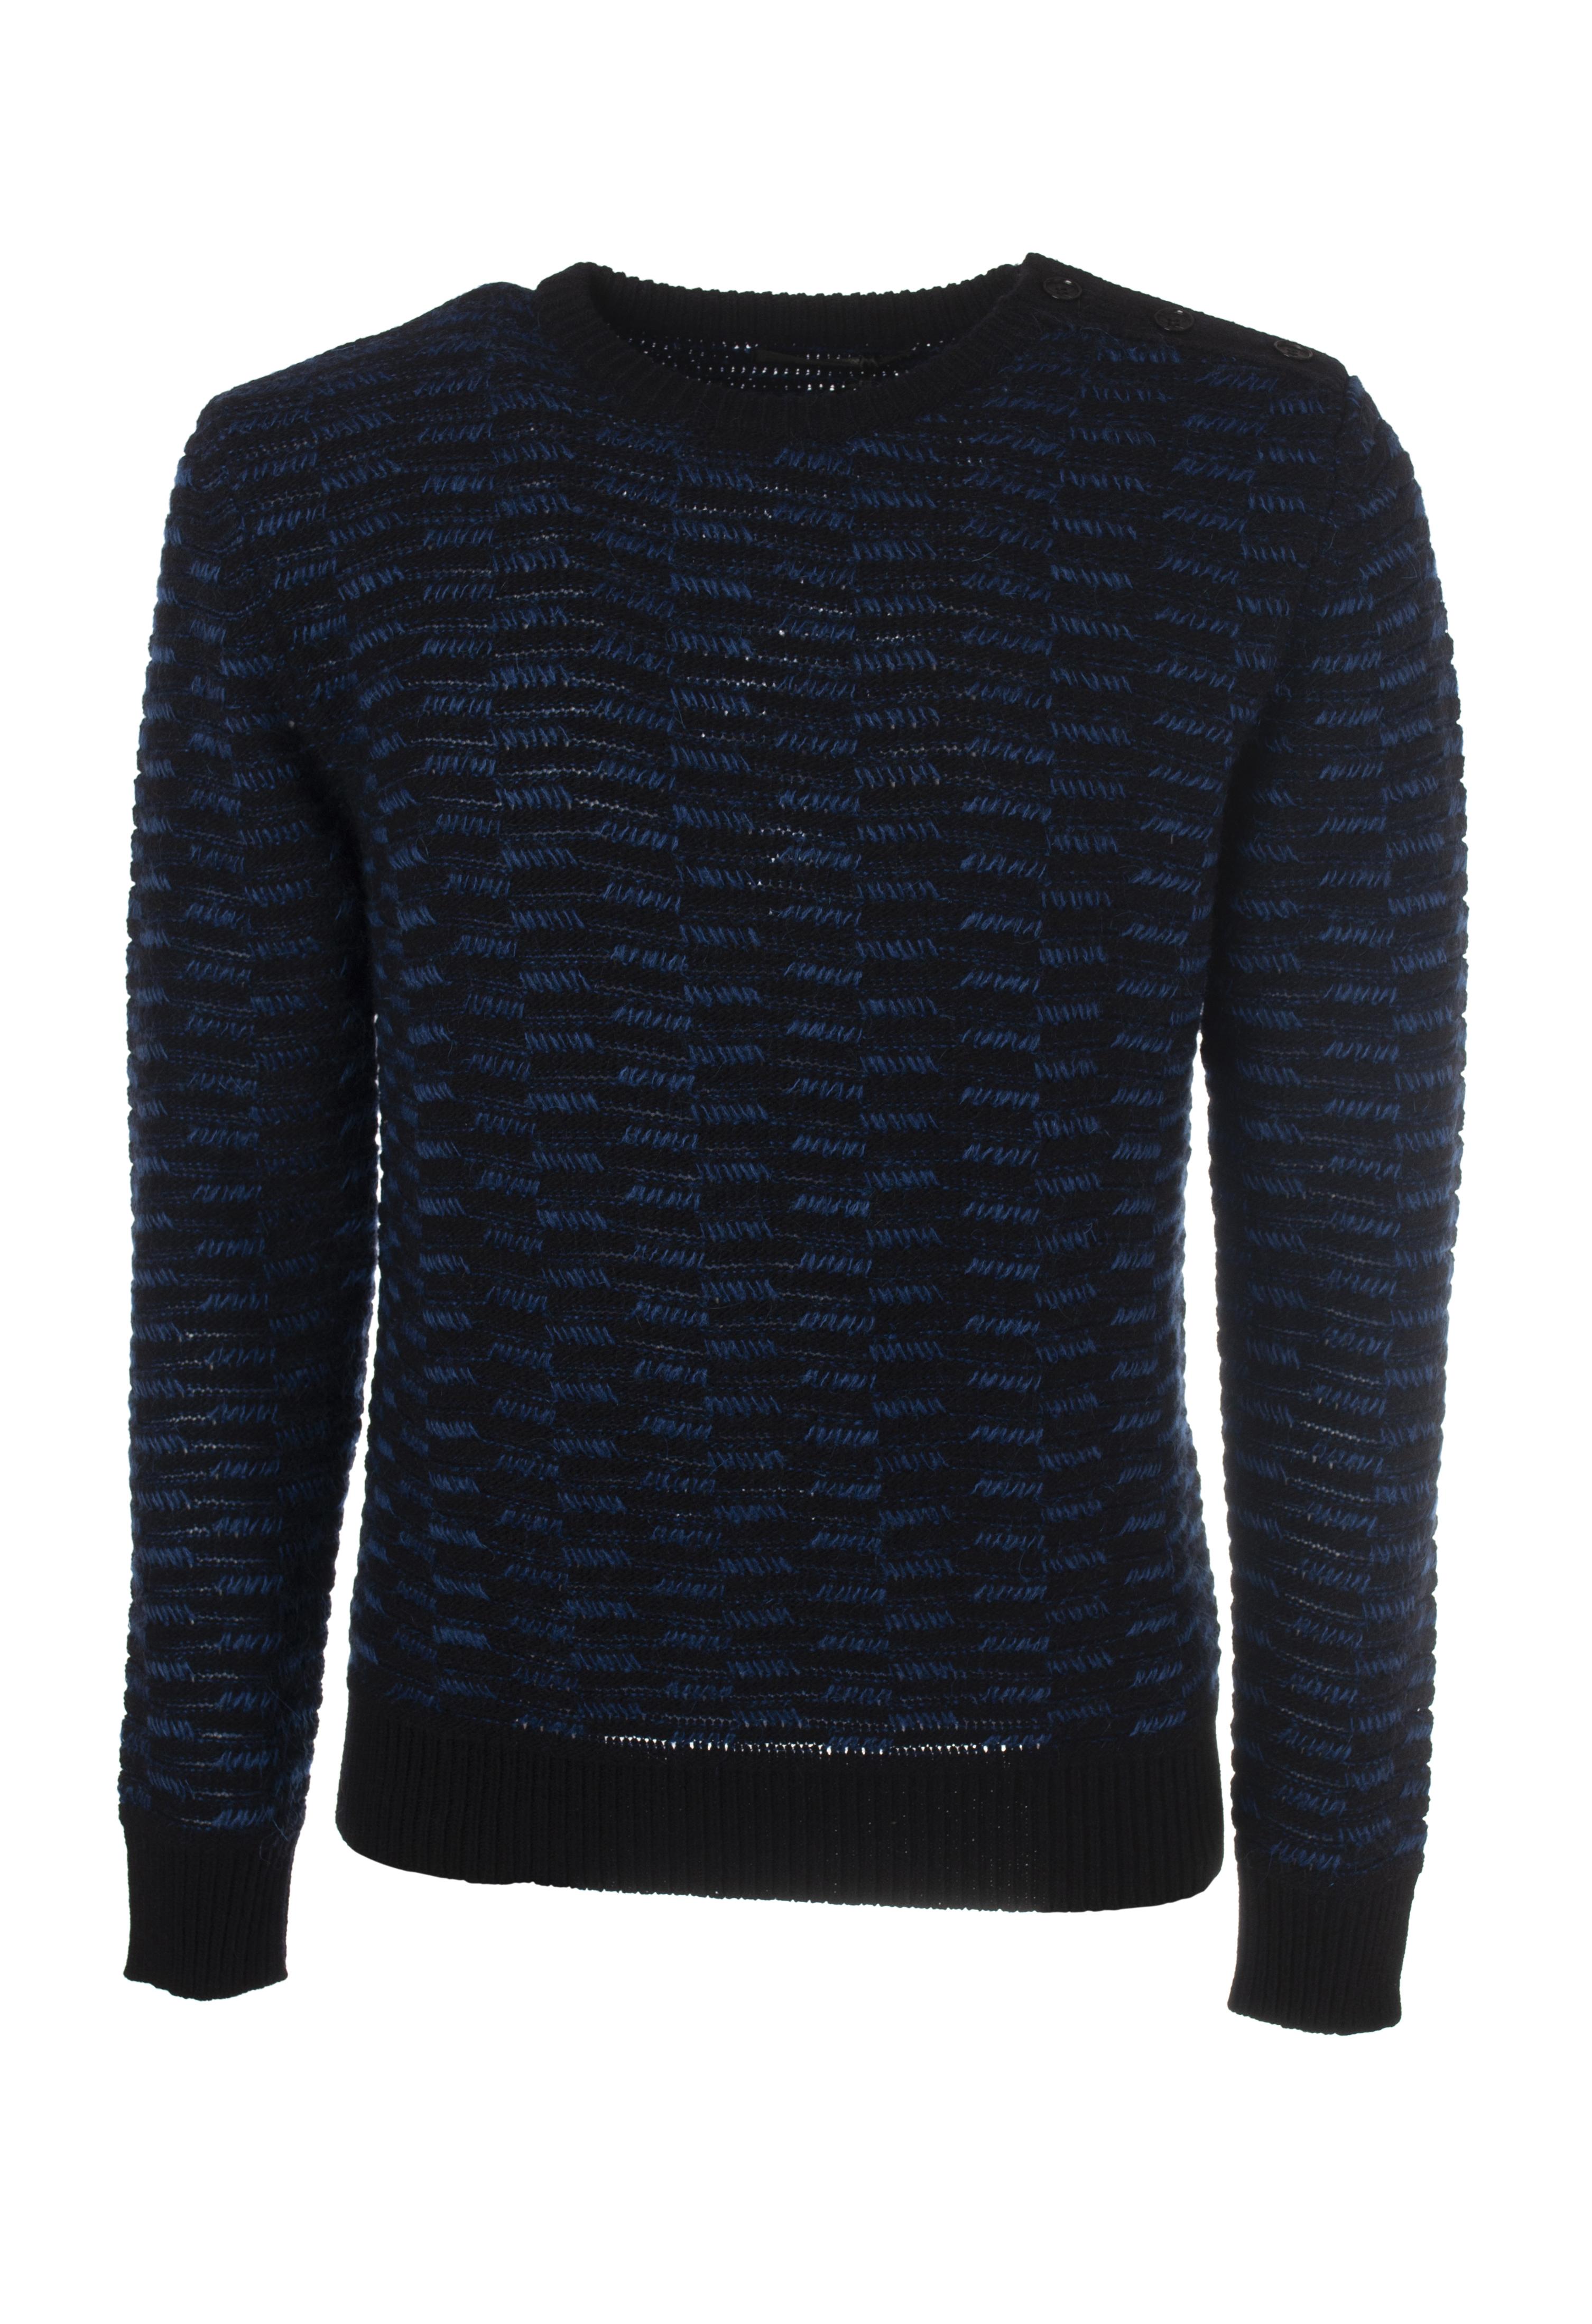 Daniele Alessandrini - Knitwear-Sweaters - Man - bluee - 5797525N181117